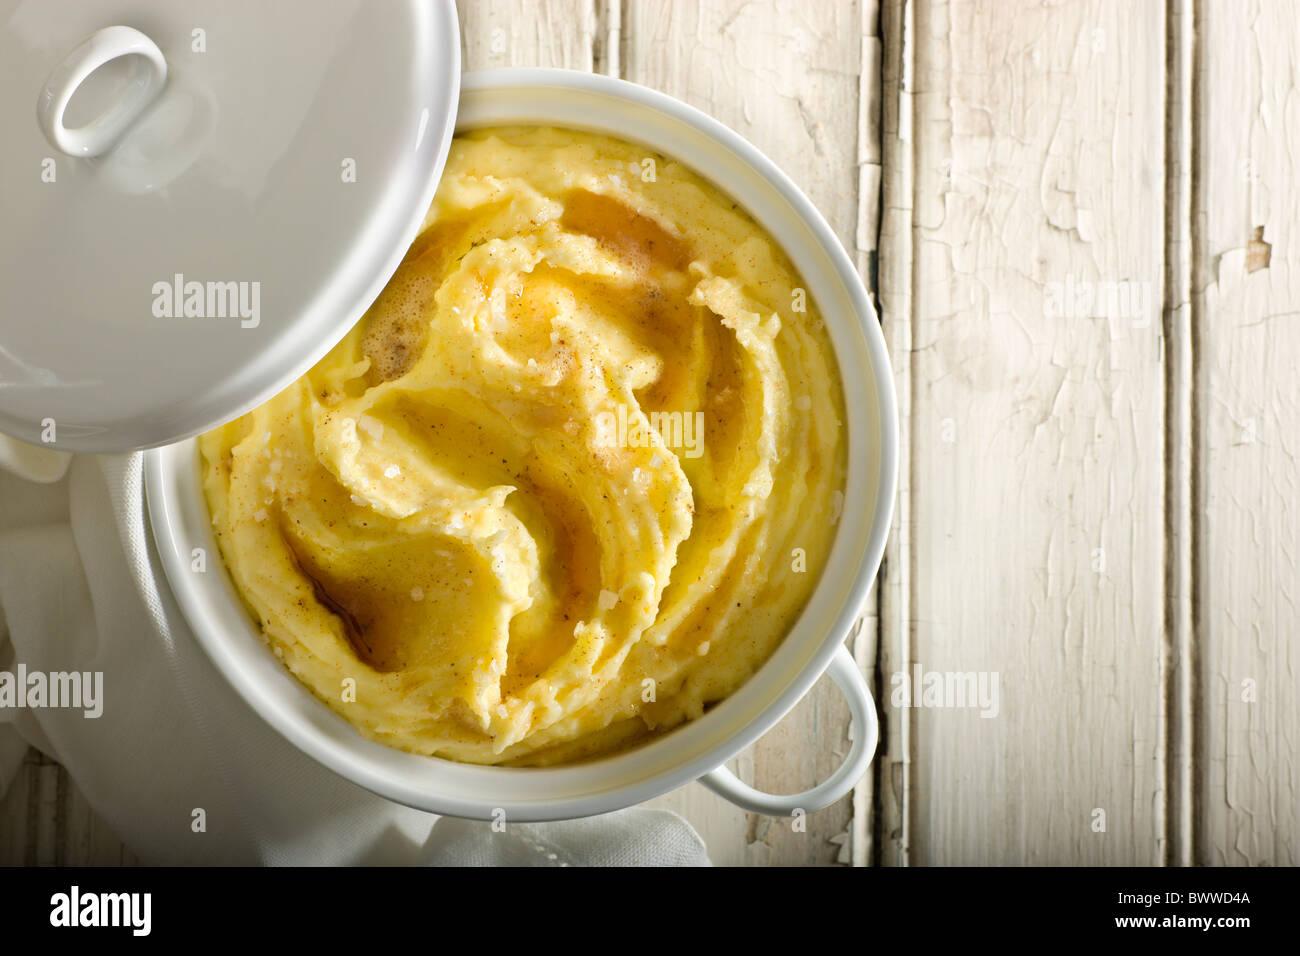 Purée de pommes de terre avec Garnie de noix de muscade râpée, la Fleur de sel et le beurre brun. Photo Stock